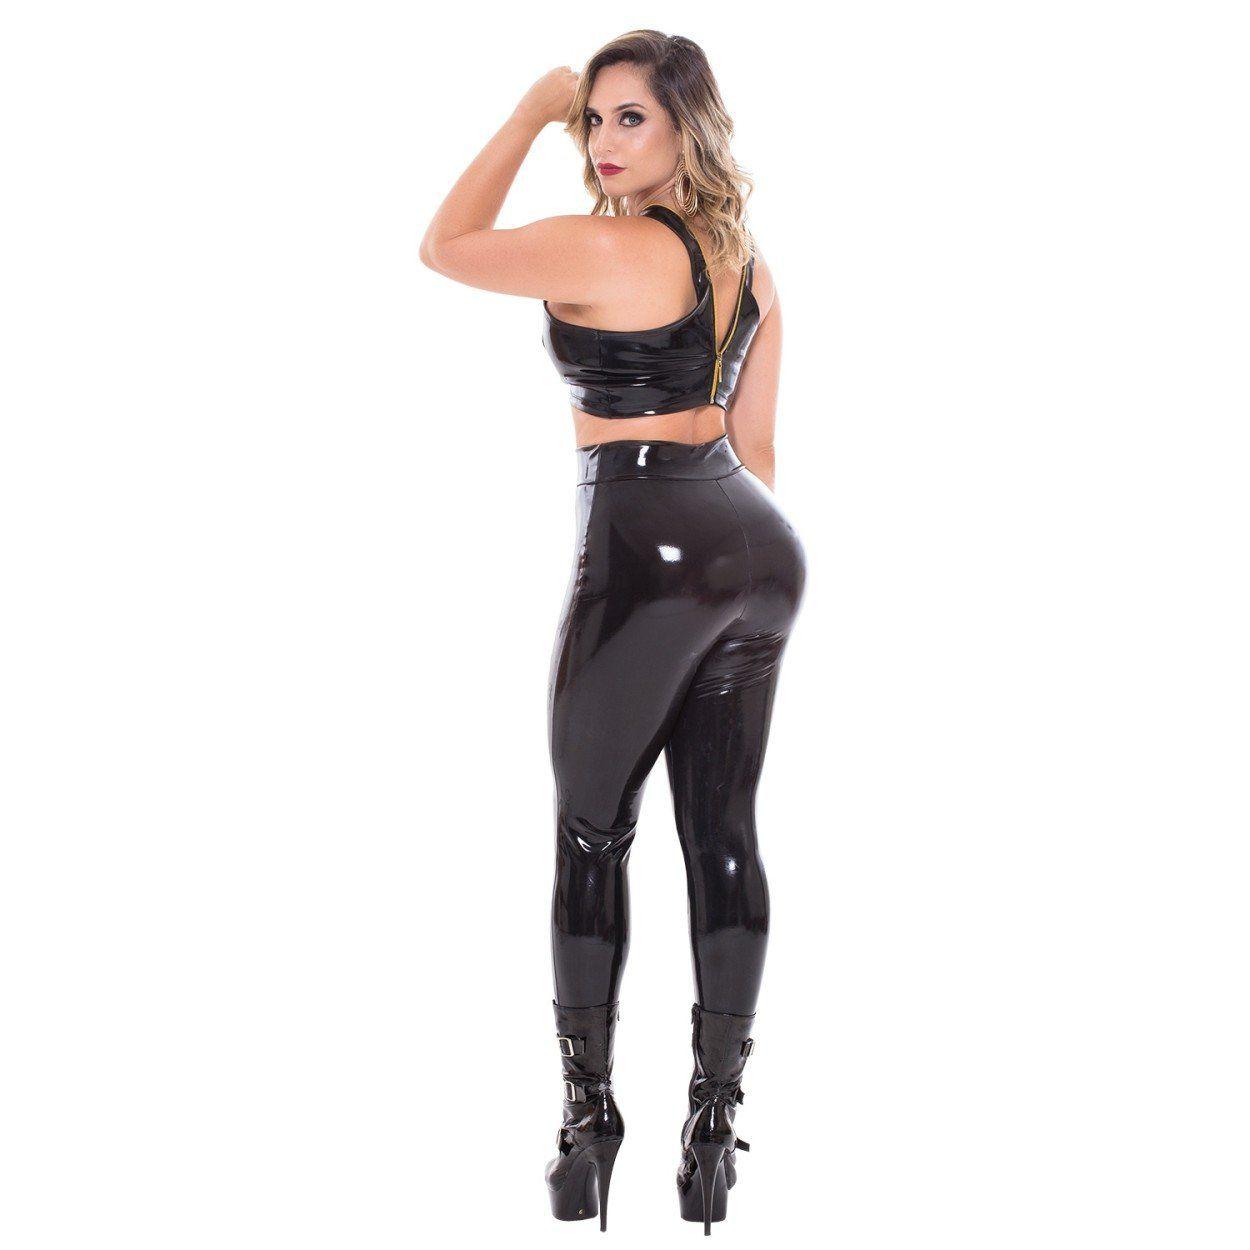 Calça Fatale Feita em Látex - Sapeka  - Sex Shop Cuiaba - Sexshop - Sexyshop - Produtos Eróticos